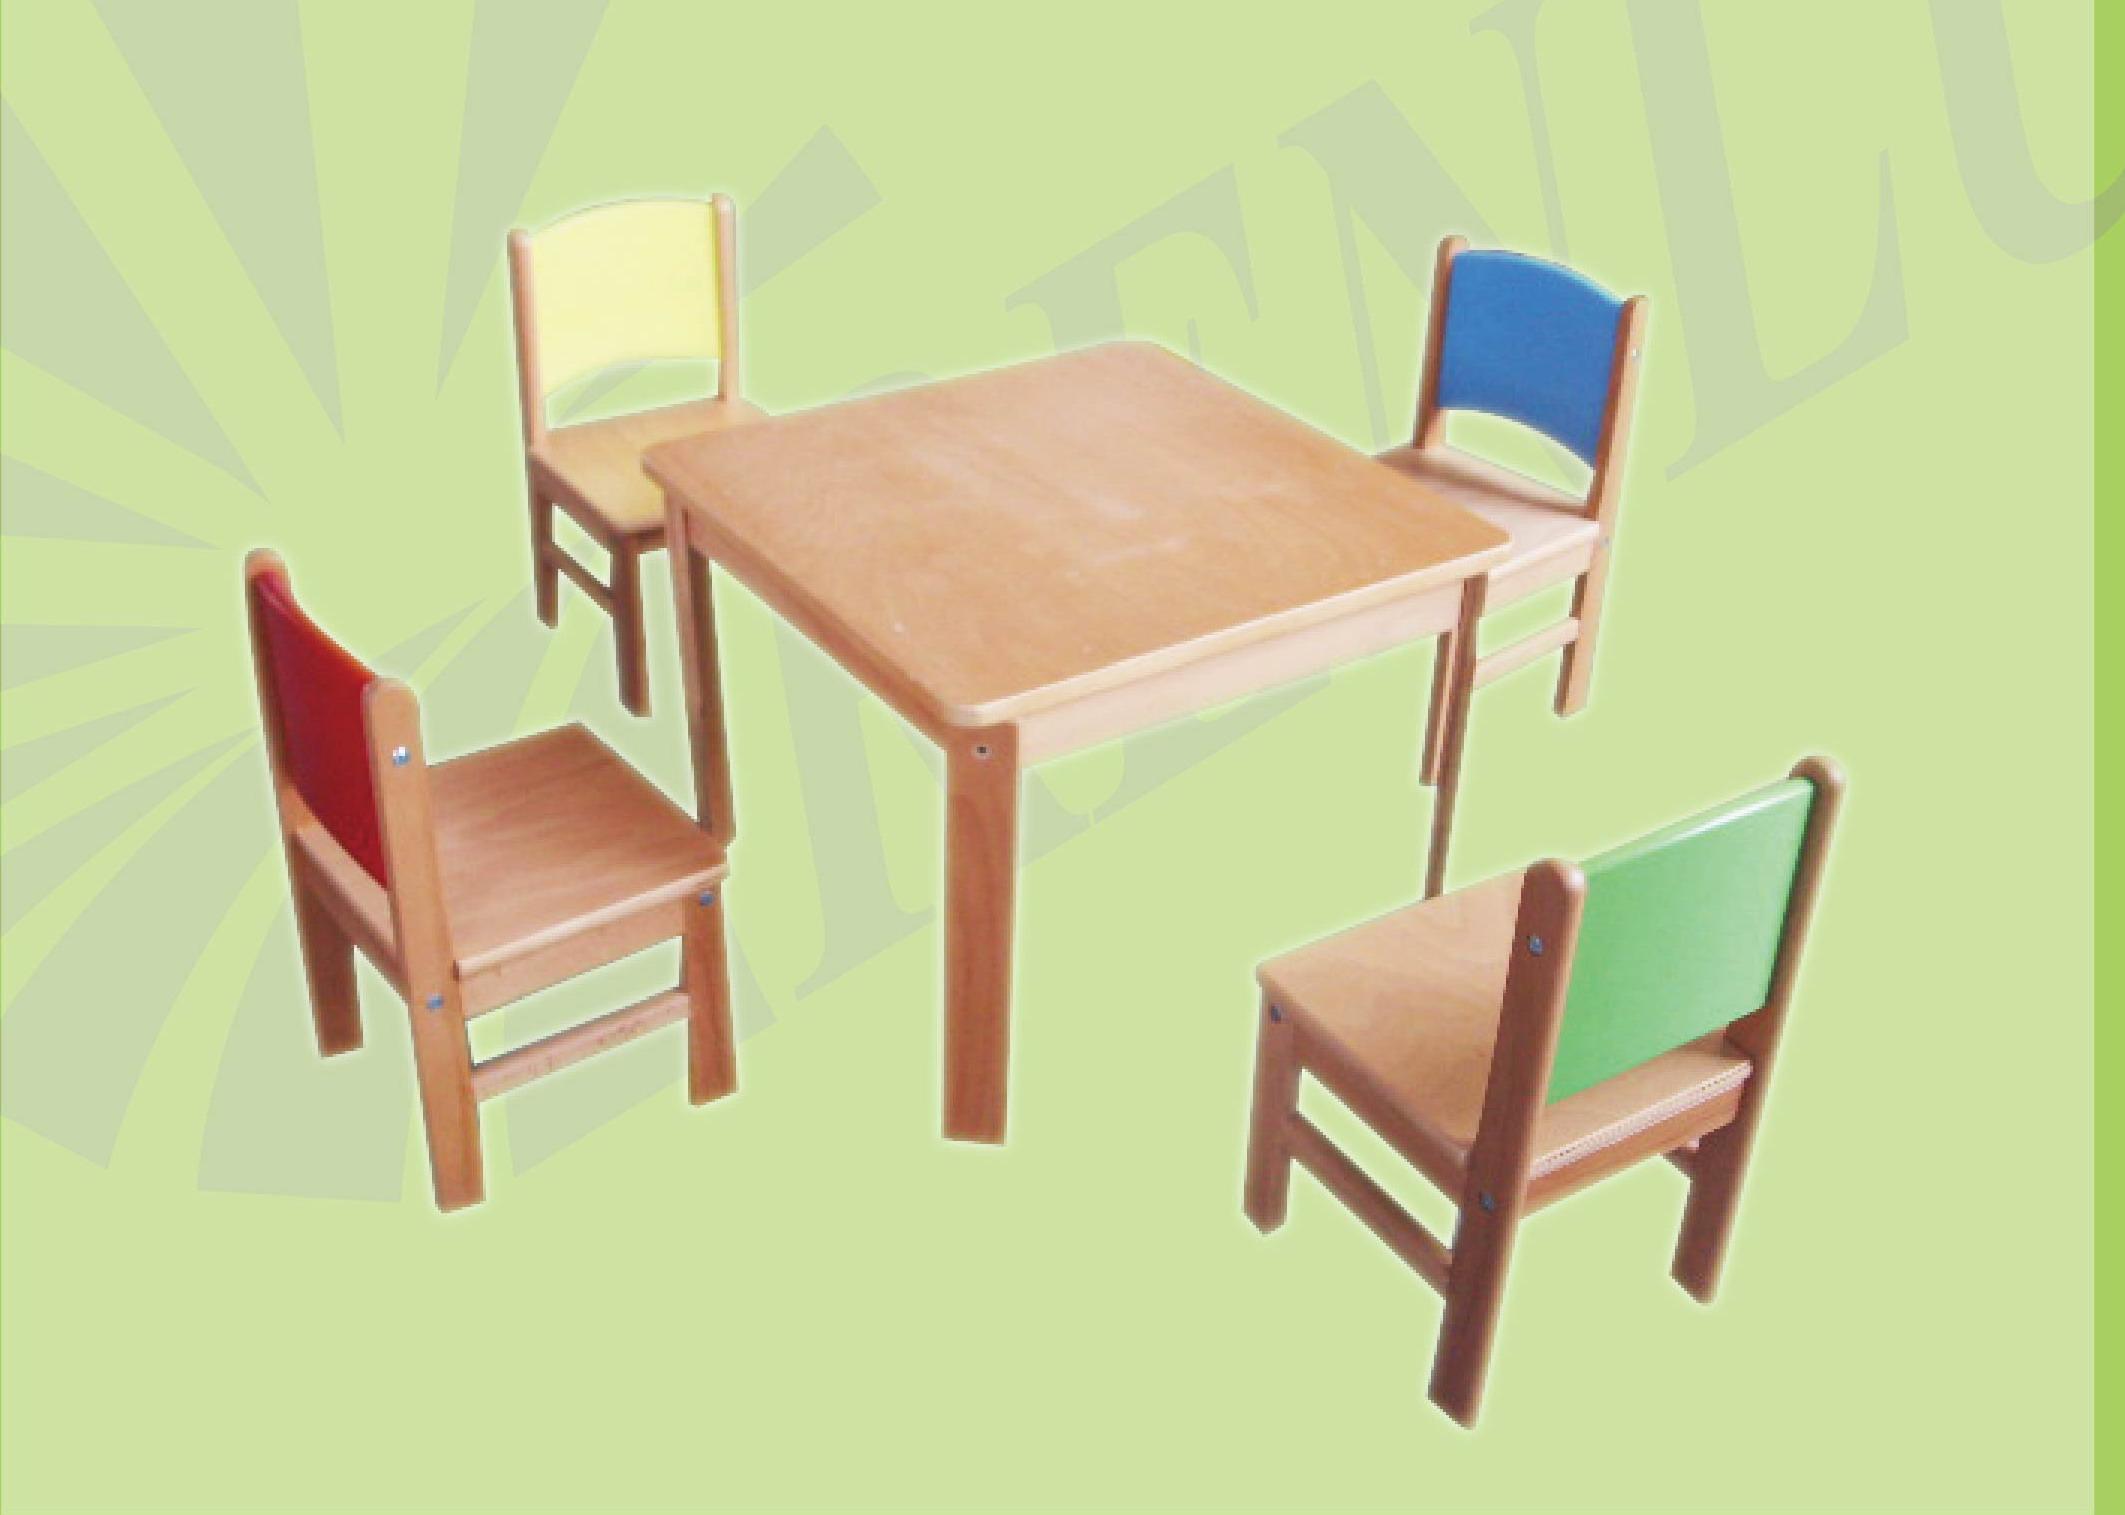 餐厅 餐桌 家具 椅 椅子 装修 桌 桌椅 桌子 2125_1515